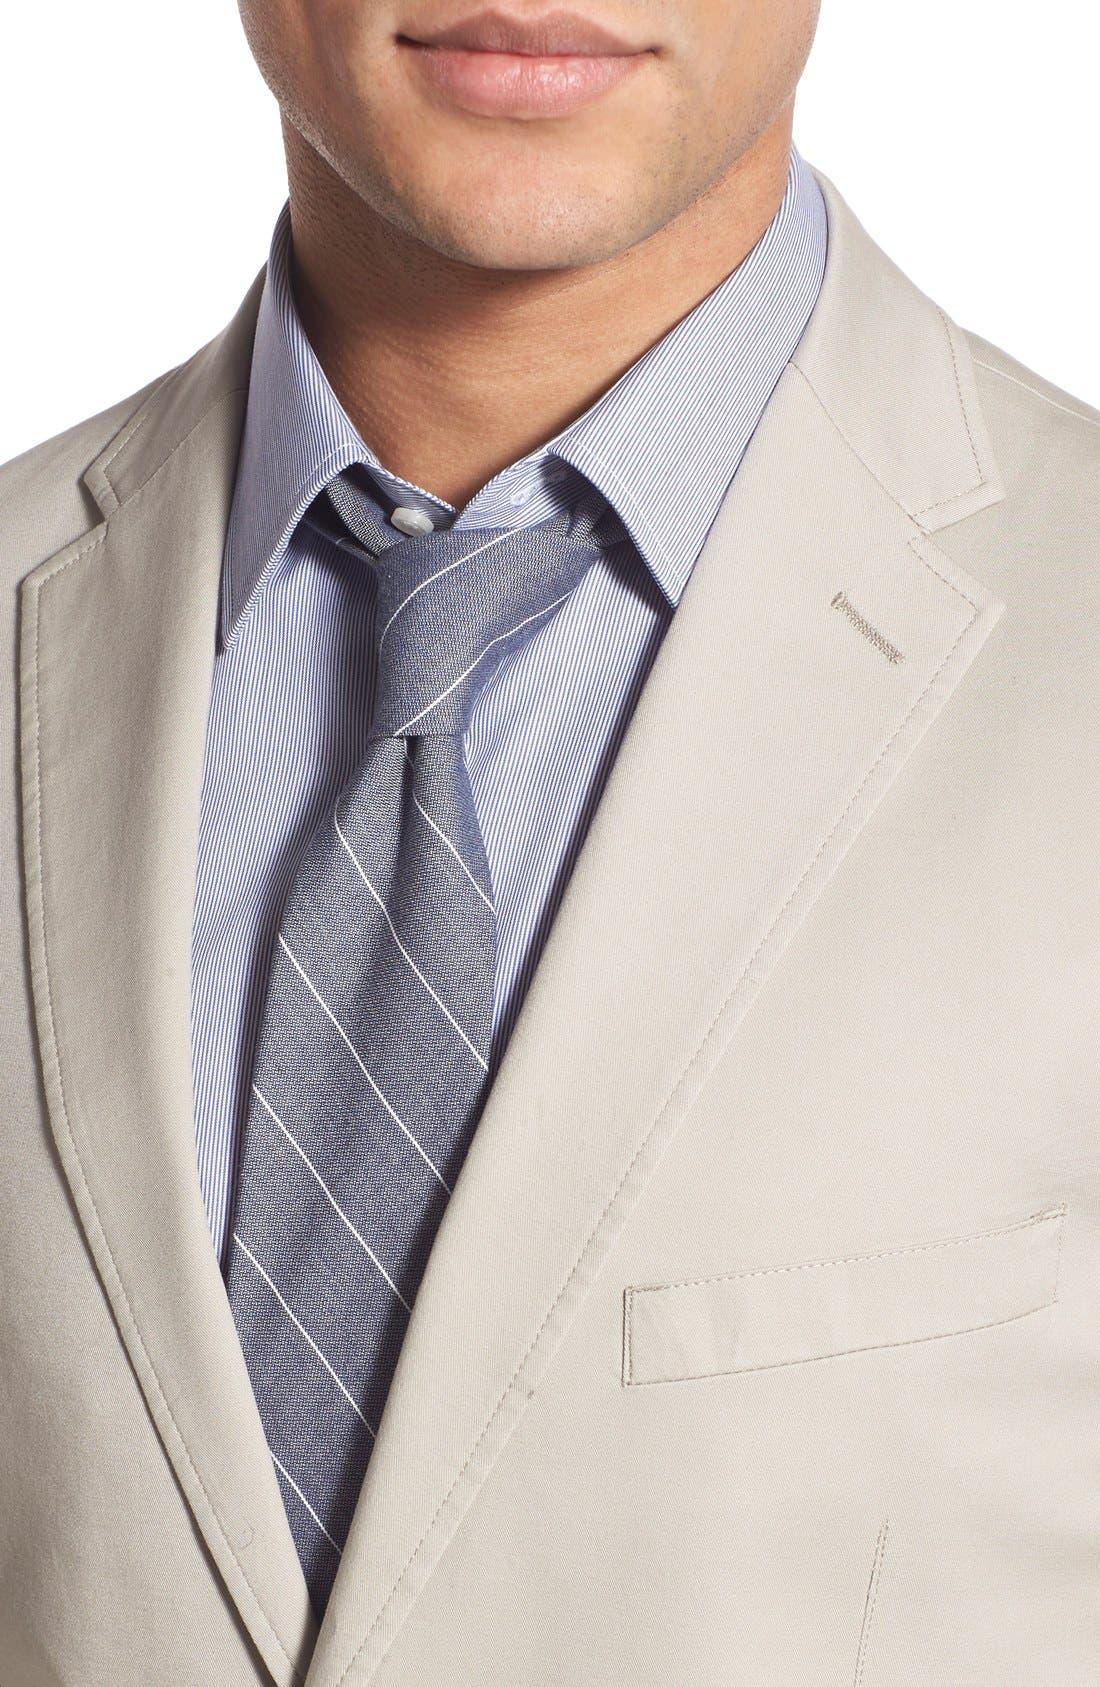 Trim Fit Stretch Cotton Blazer,                             Alternate thumbnail 3, color,                             270